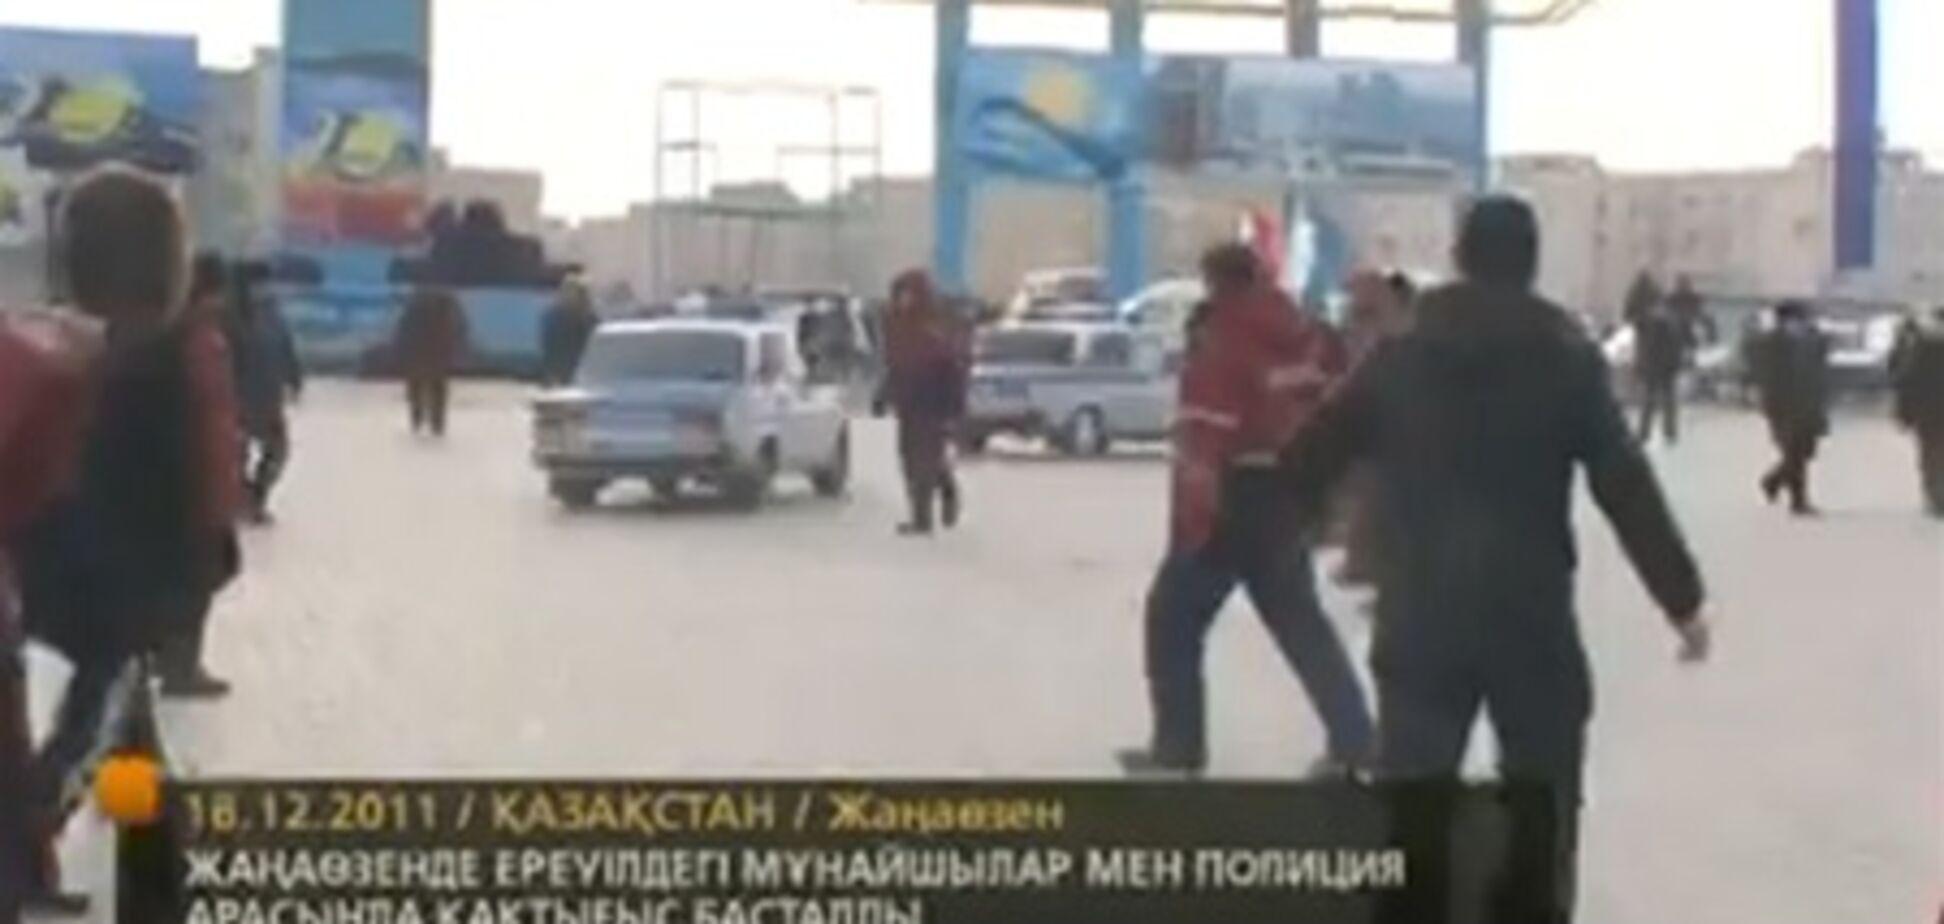 Беспорядки в Казахстане: уже убиты 70 человек, пострадали еще 500. Видео. Обновлено